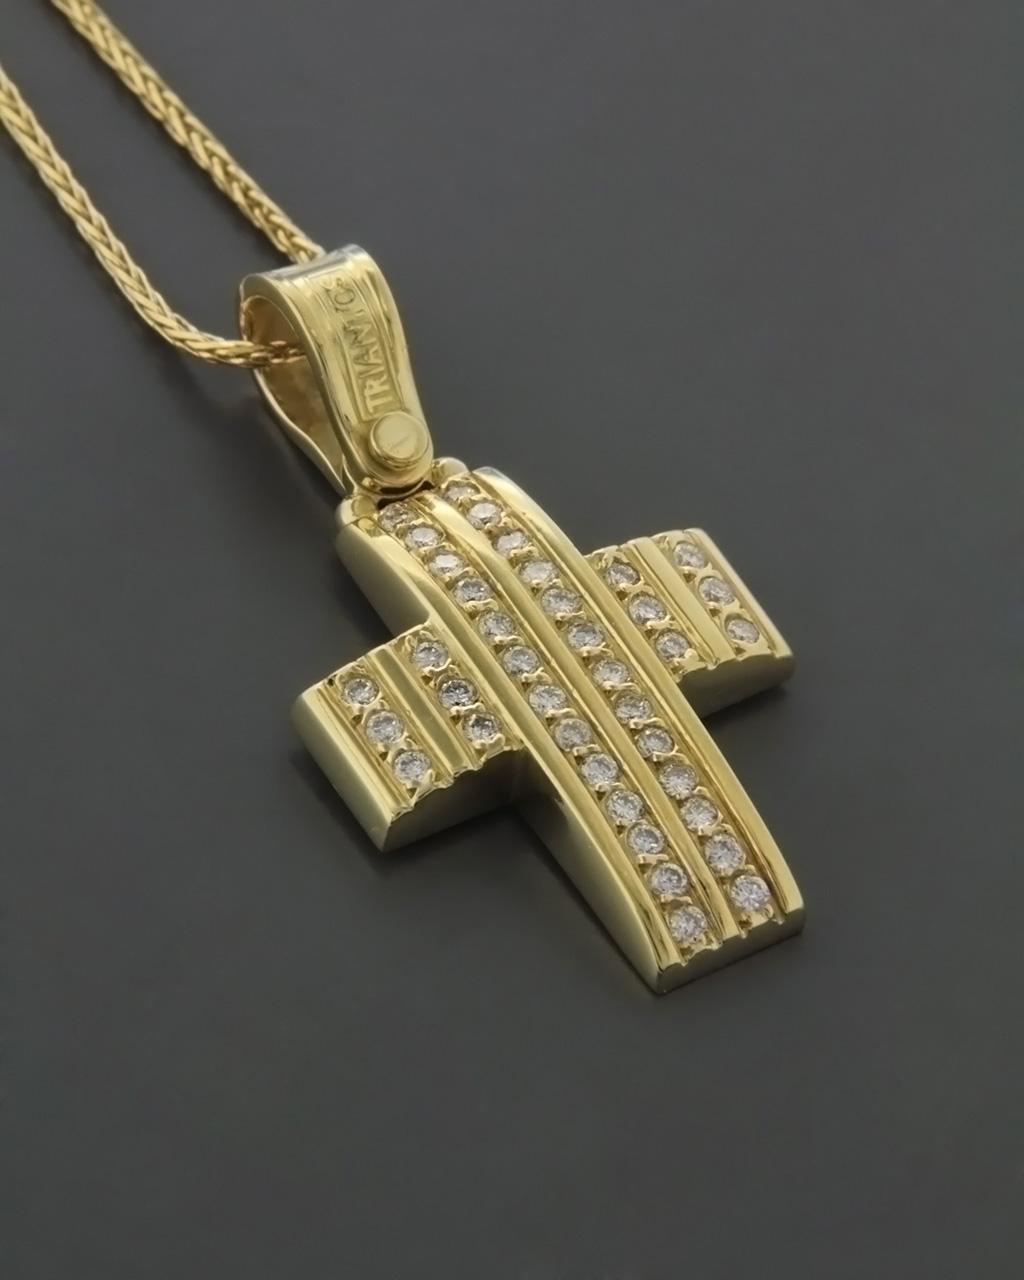 Σταυρός χρυσός Κ18 με Διαμάντια   παιδι βαπτιστικοί σταυροί βαπτιστικοί σταυροί για κορίτσι